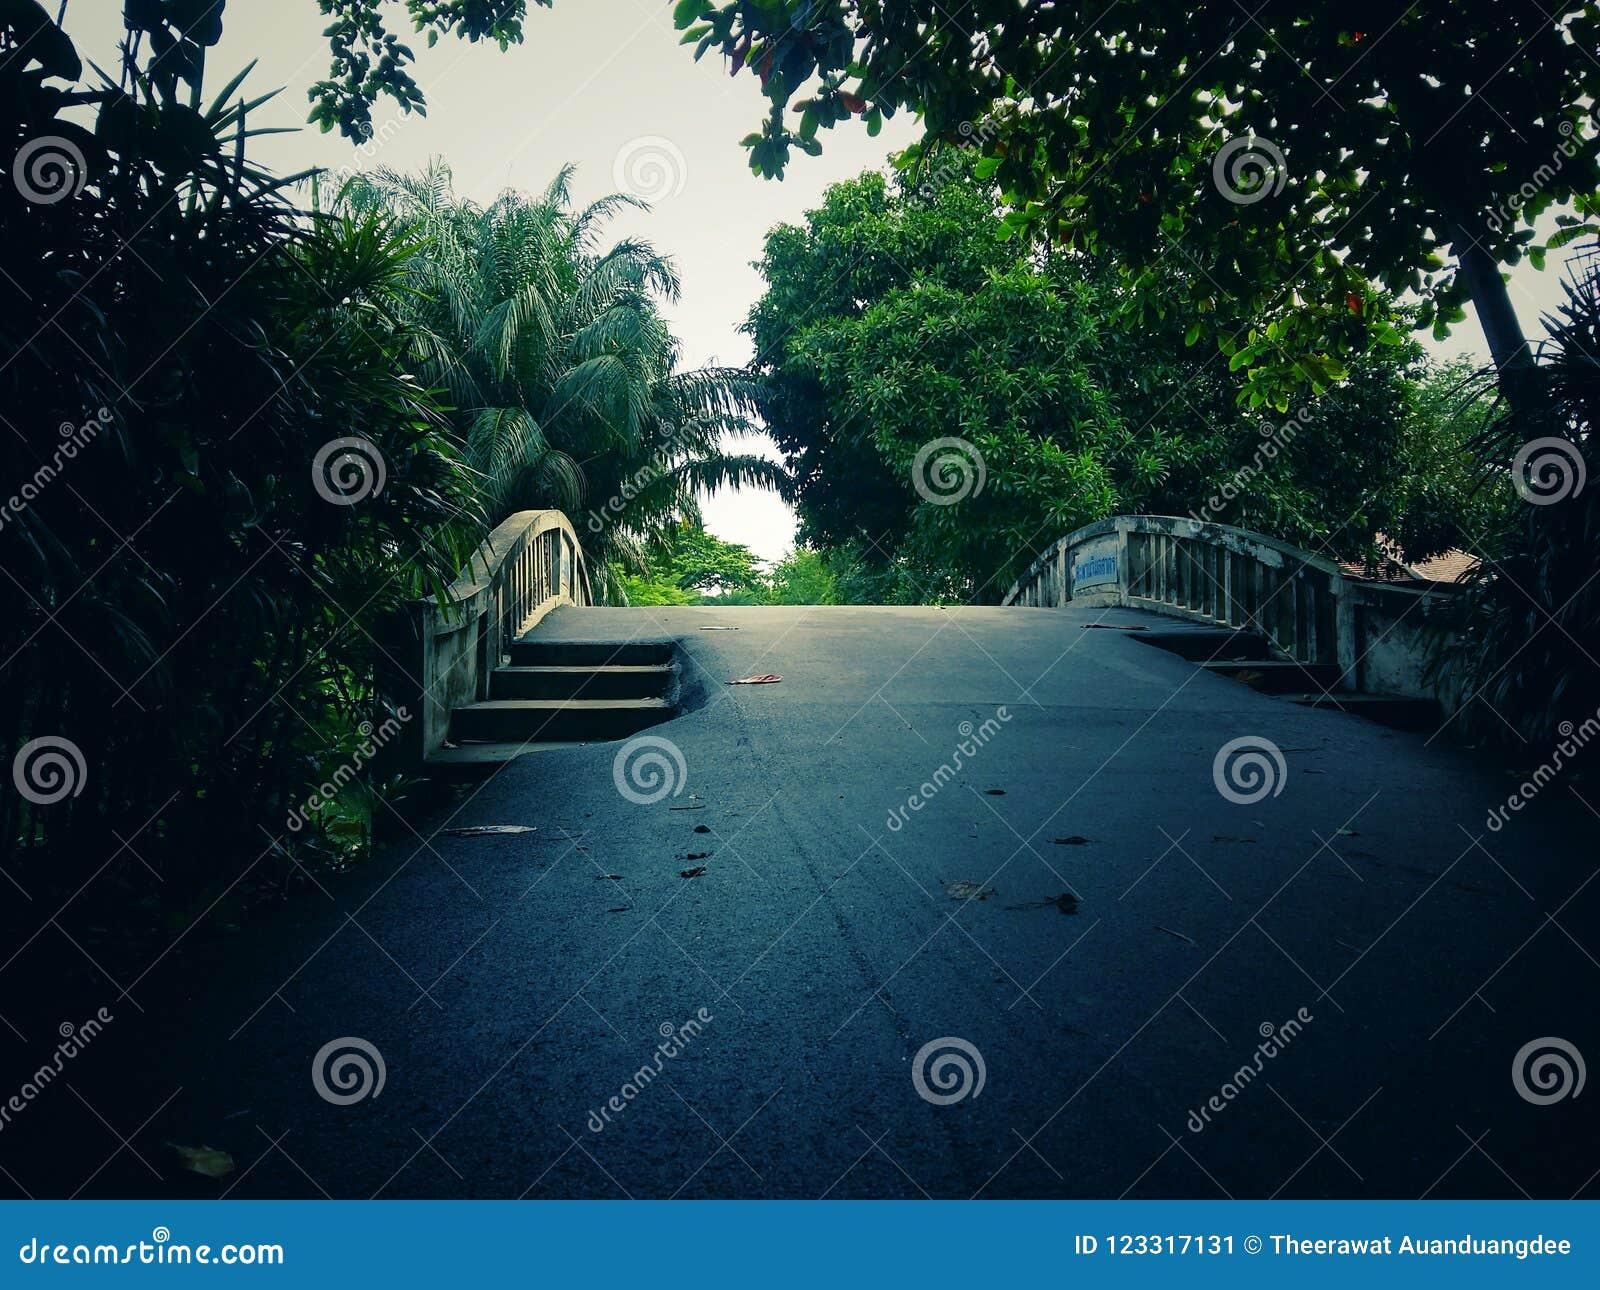 Parques Públicos Y Muchos árboles Verdes Con Los Puentes d5e44fd73e50b